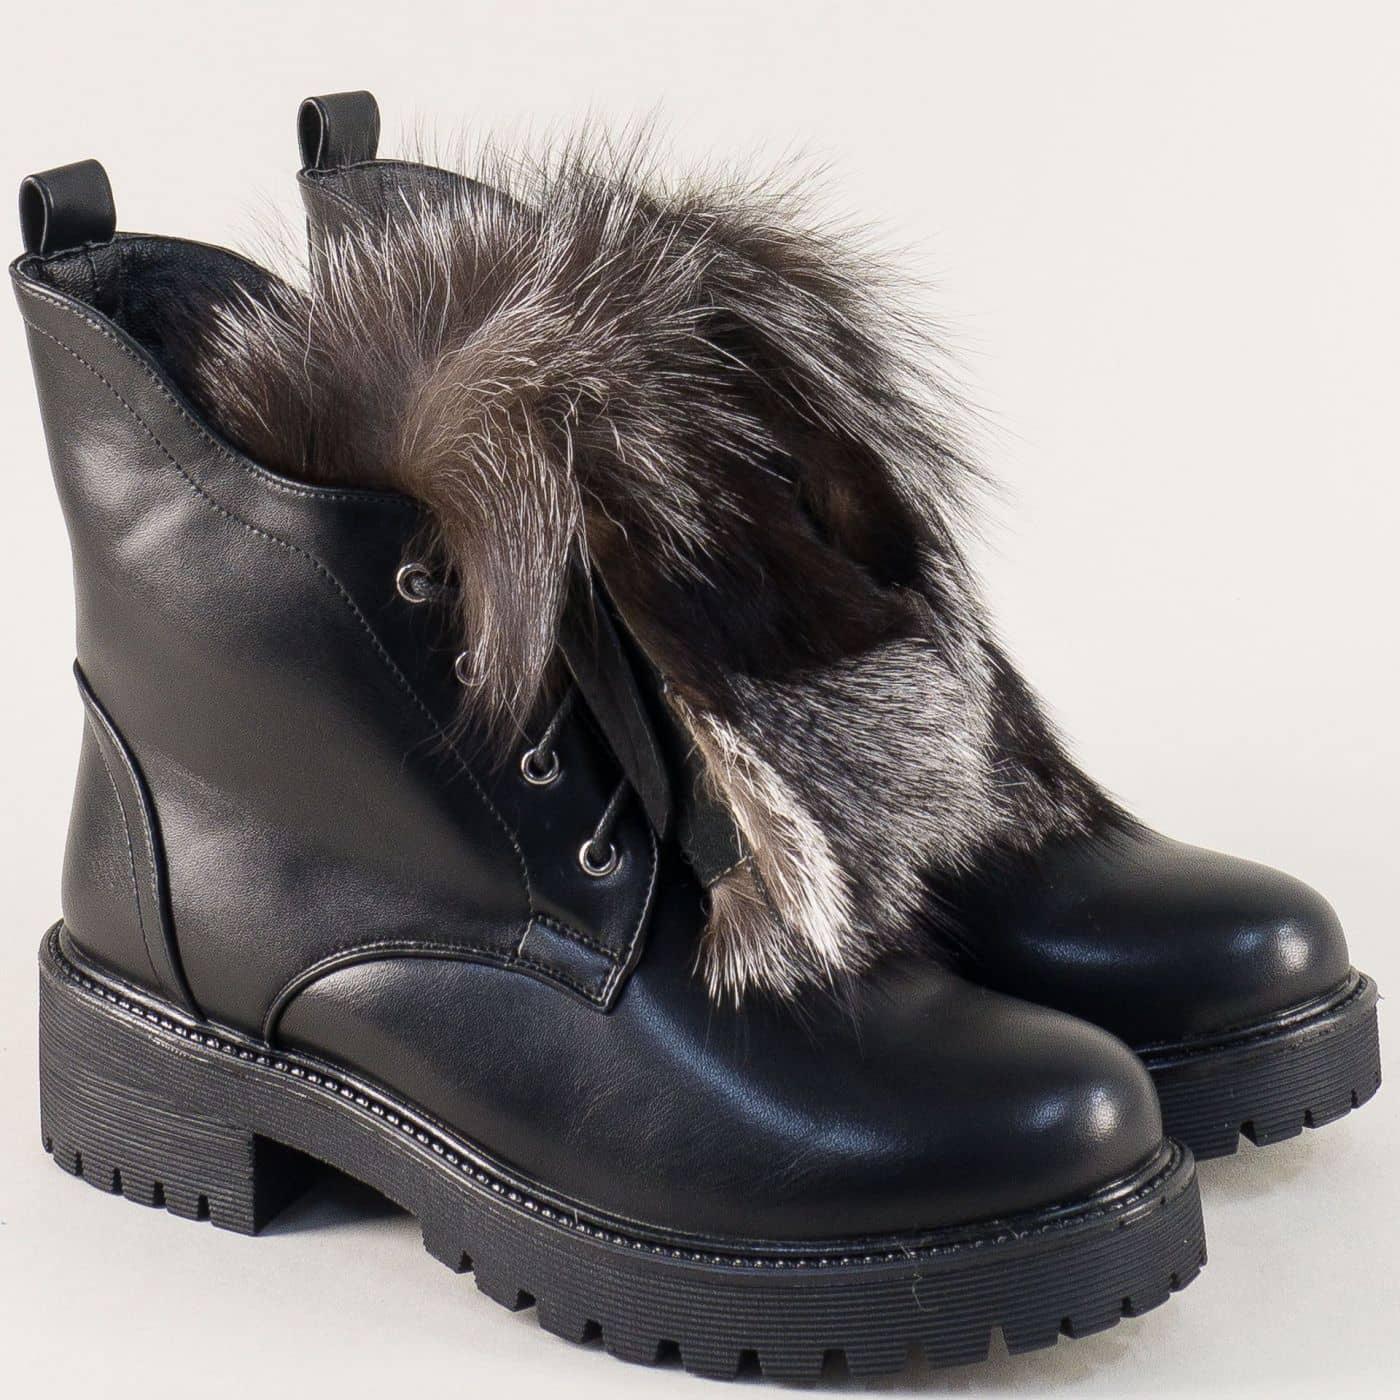 2a2f28a4aad Дамски обувки с естествен пух 207991ch - Zebra 1992